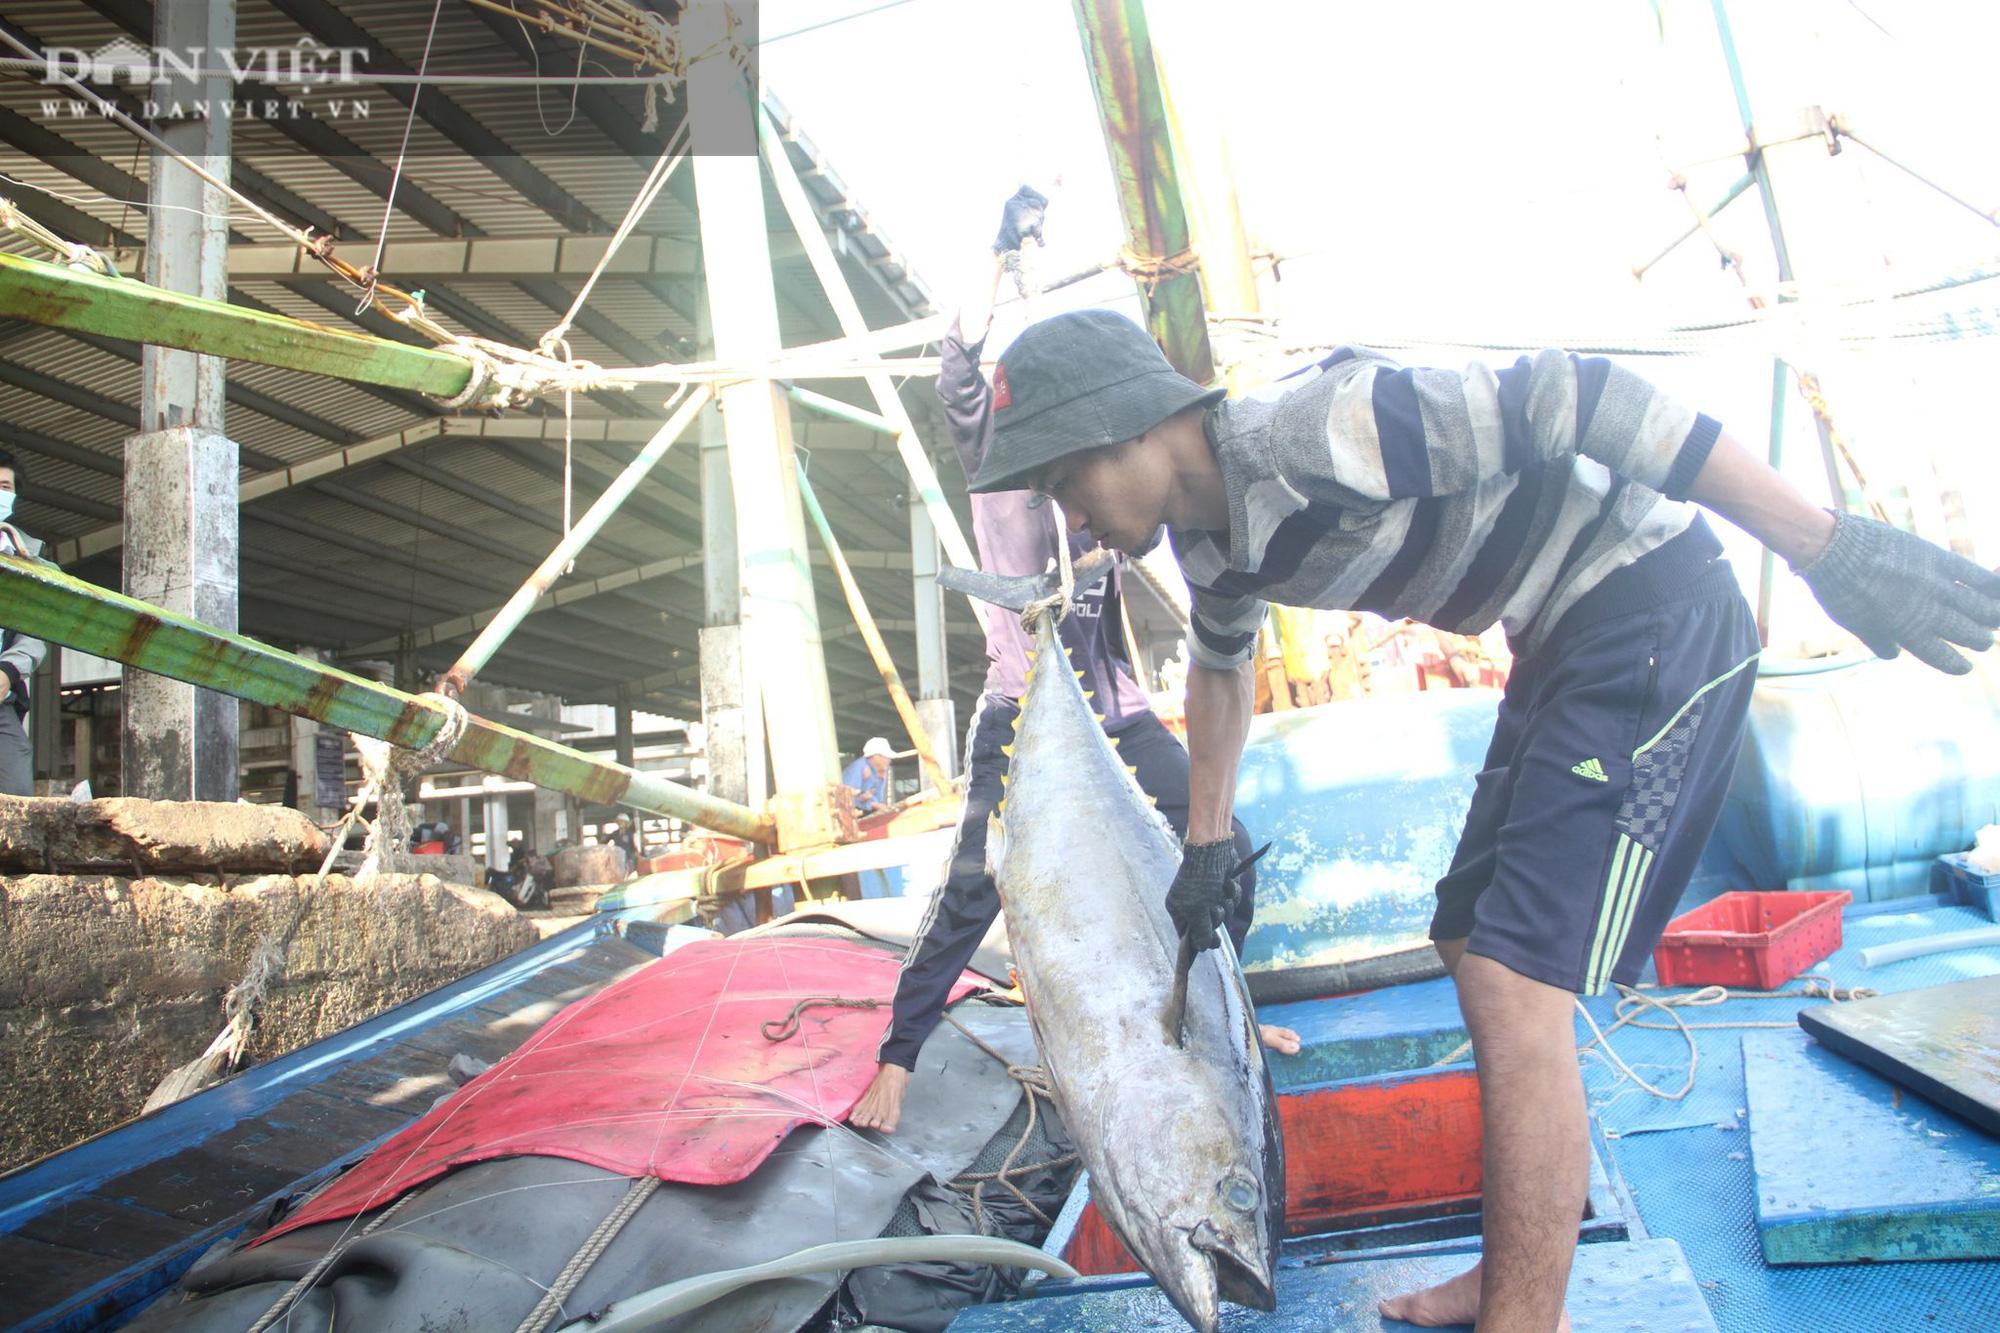 Cận cảnh đưa cá ngừ đại dương về bờ sau chuyến biển xuyên Tết - Ảnh 4.